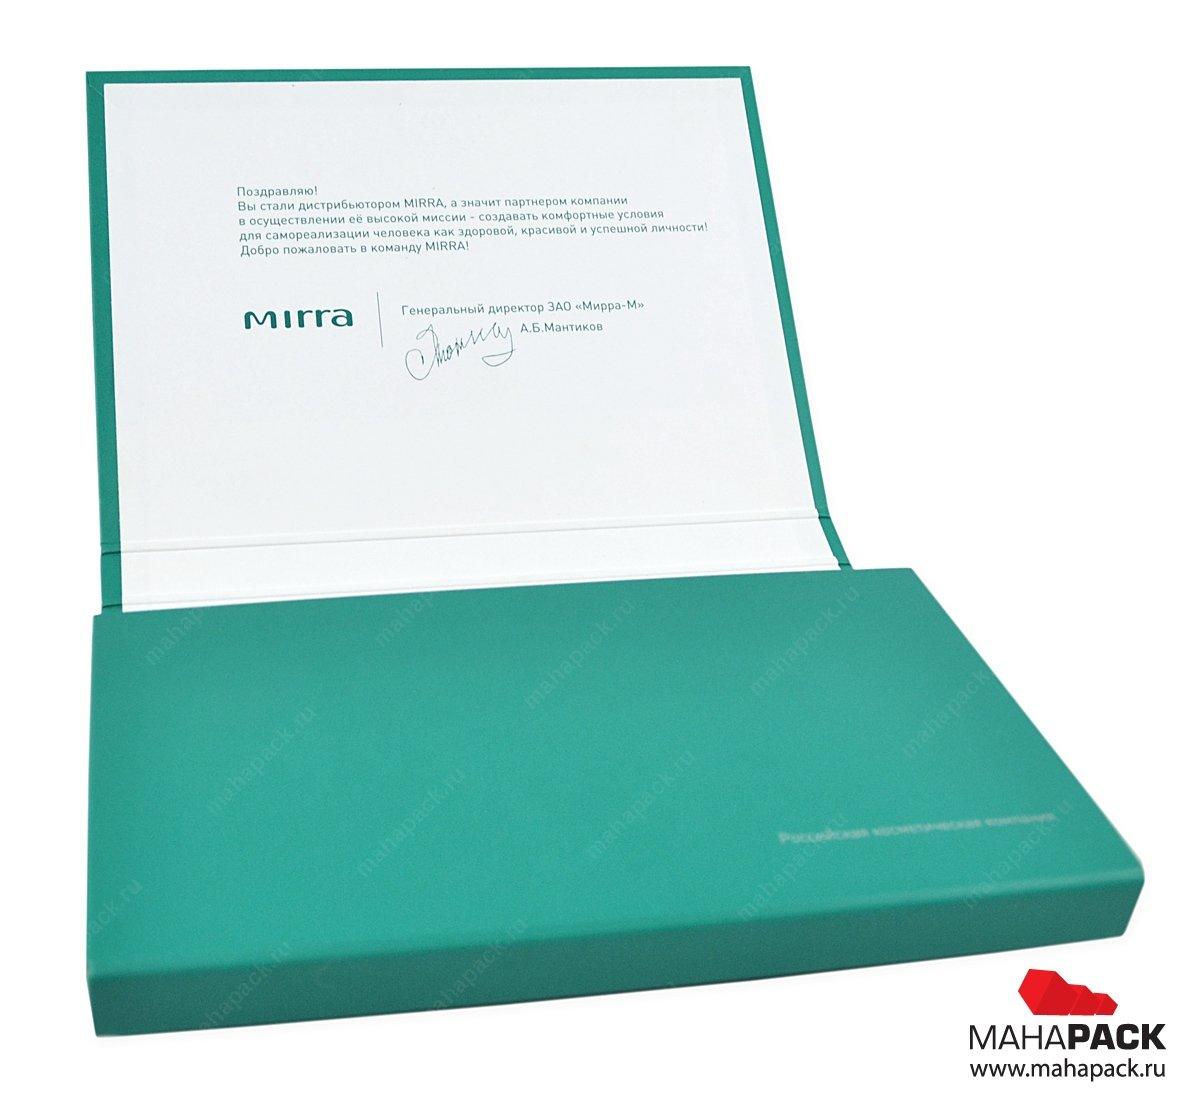 Кашированная папка-презентер с магнитным клапаном, заказать упаковку